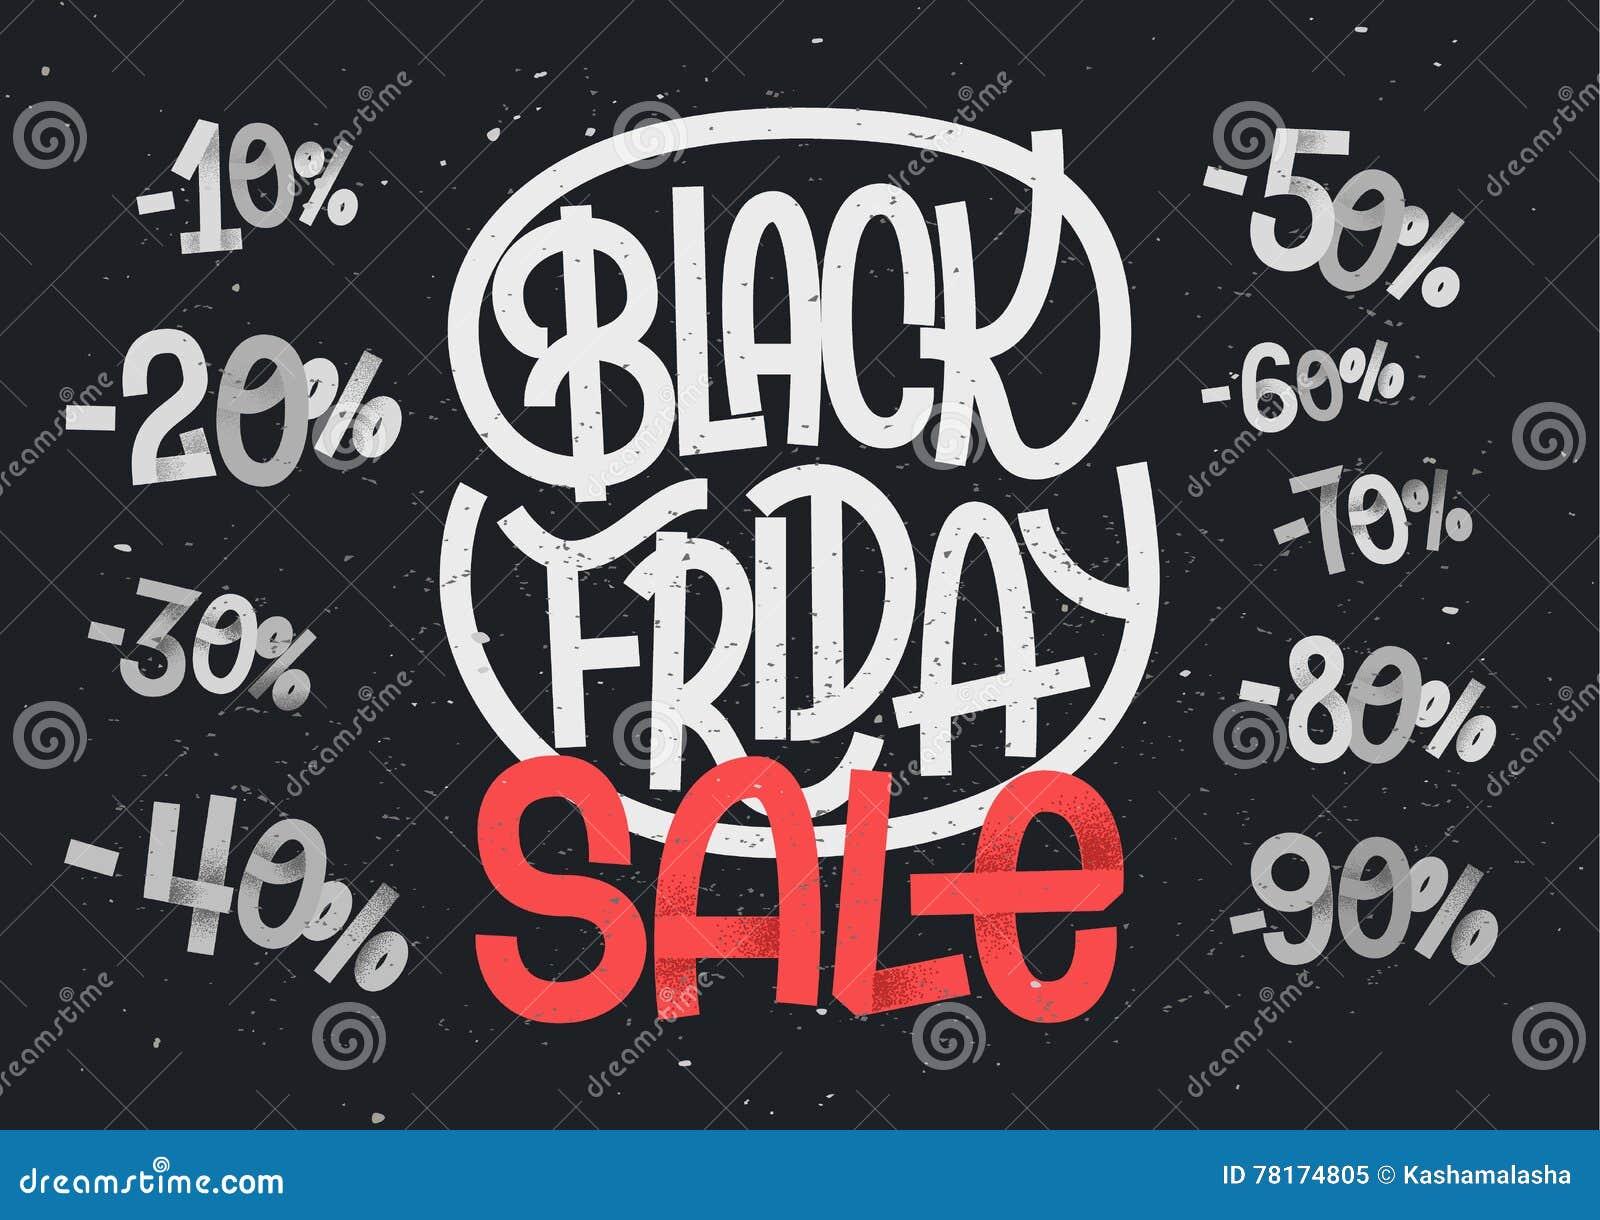 Black Friday-Beschriftung mit Prozentsatzzahlen für Verkäufe